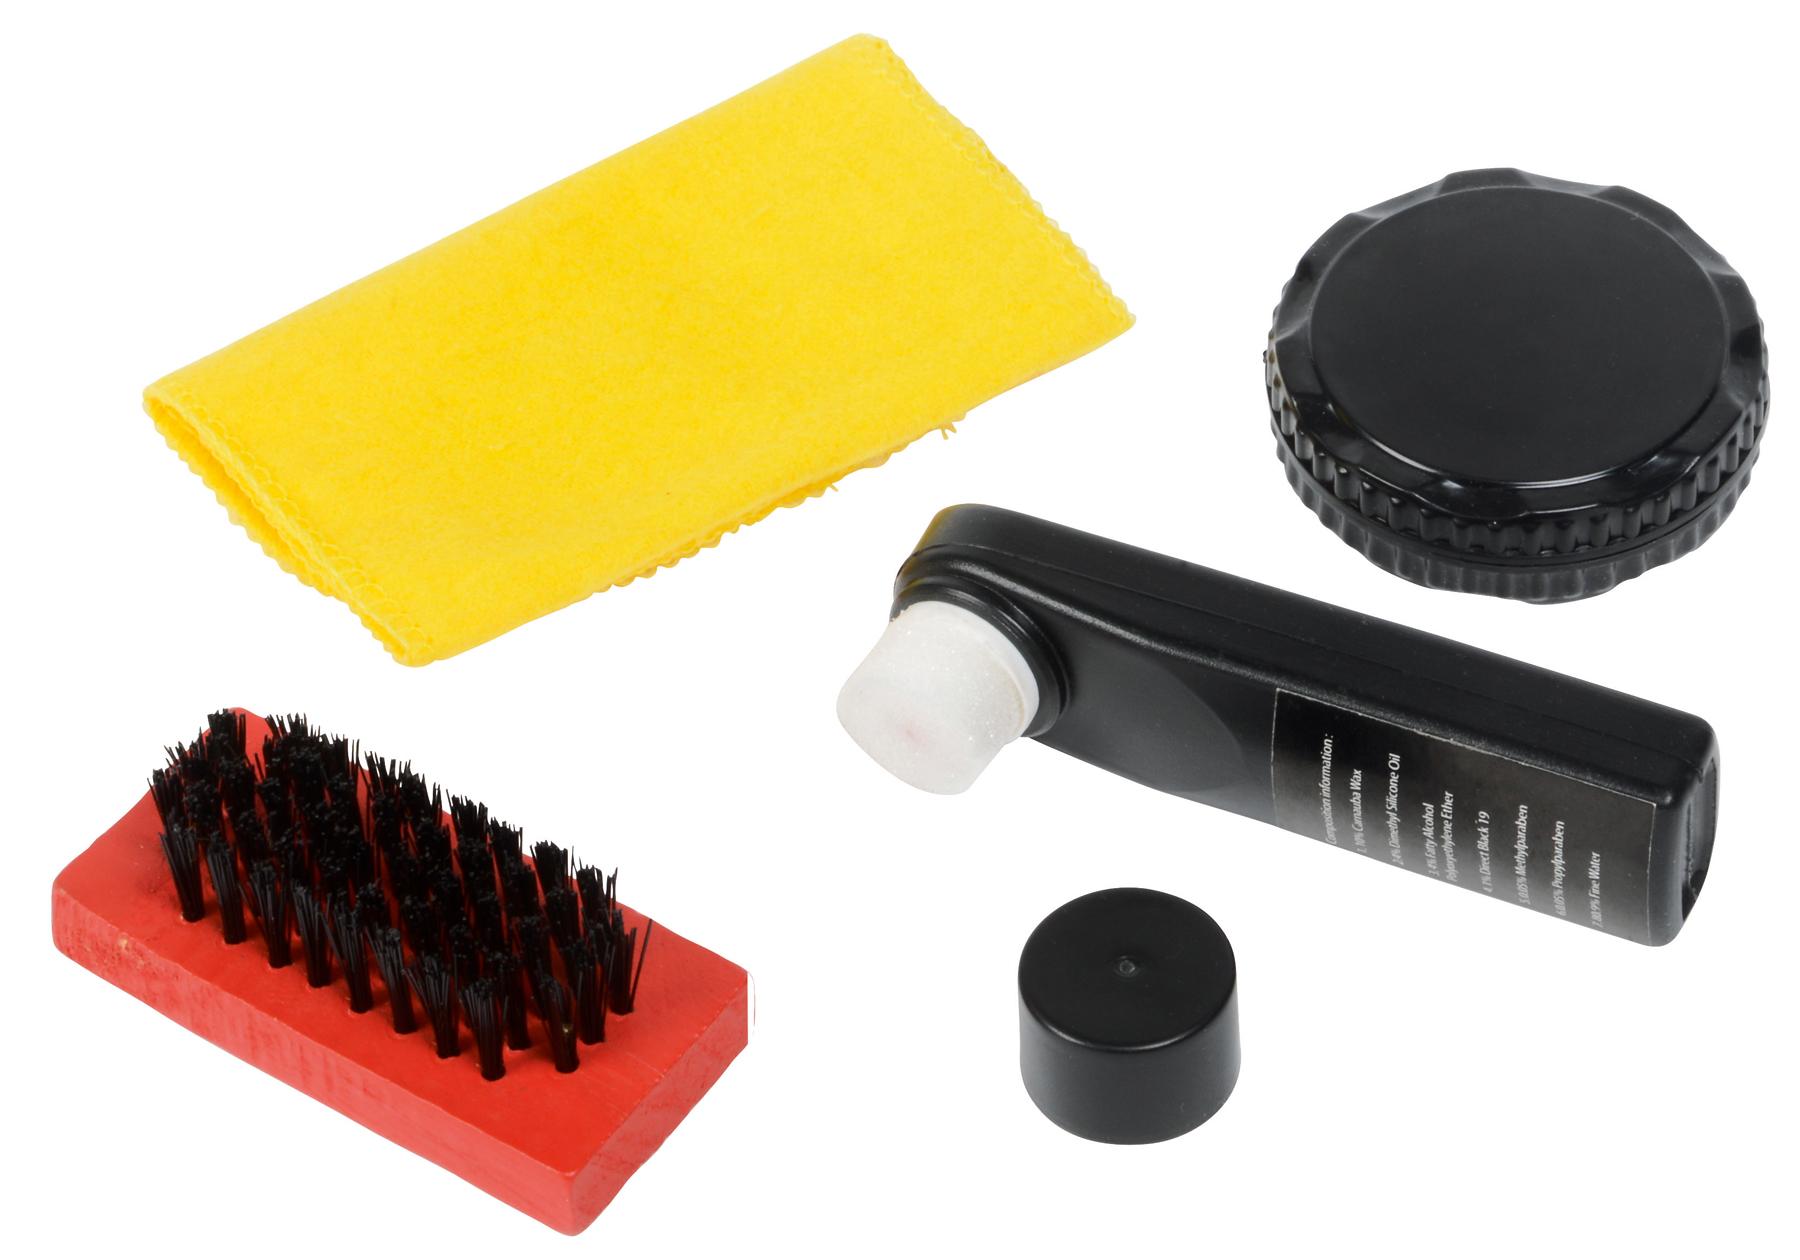 Zestaw do czyszczenia obuwia SMALL SHINE., czarny, czerwony, żółty